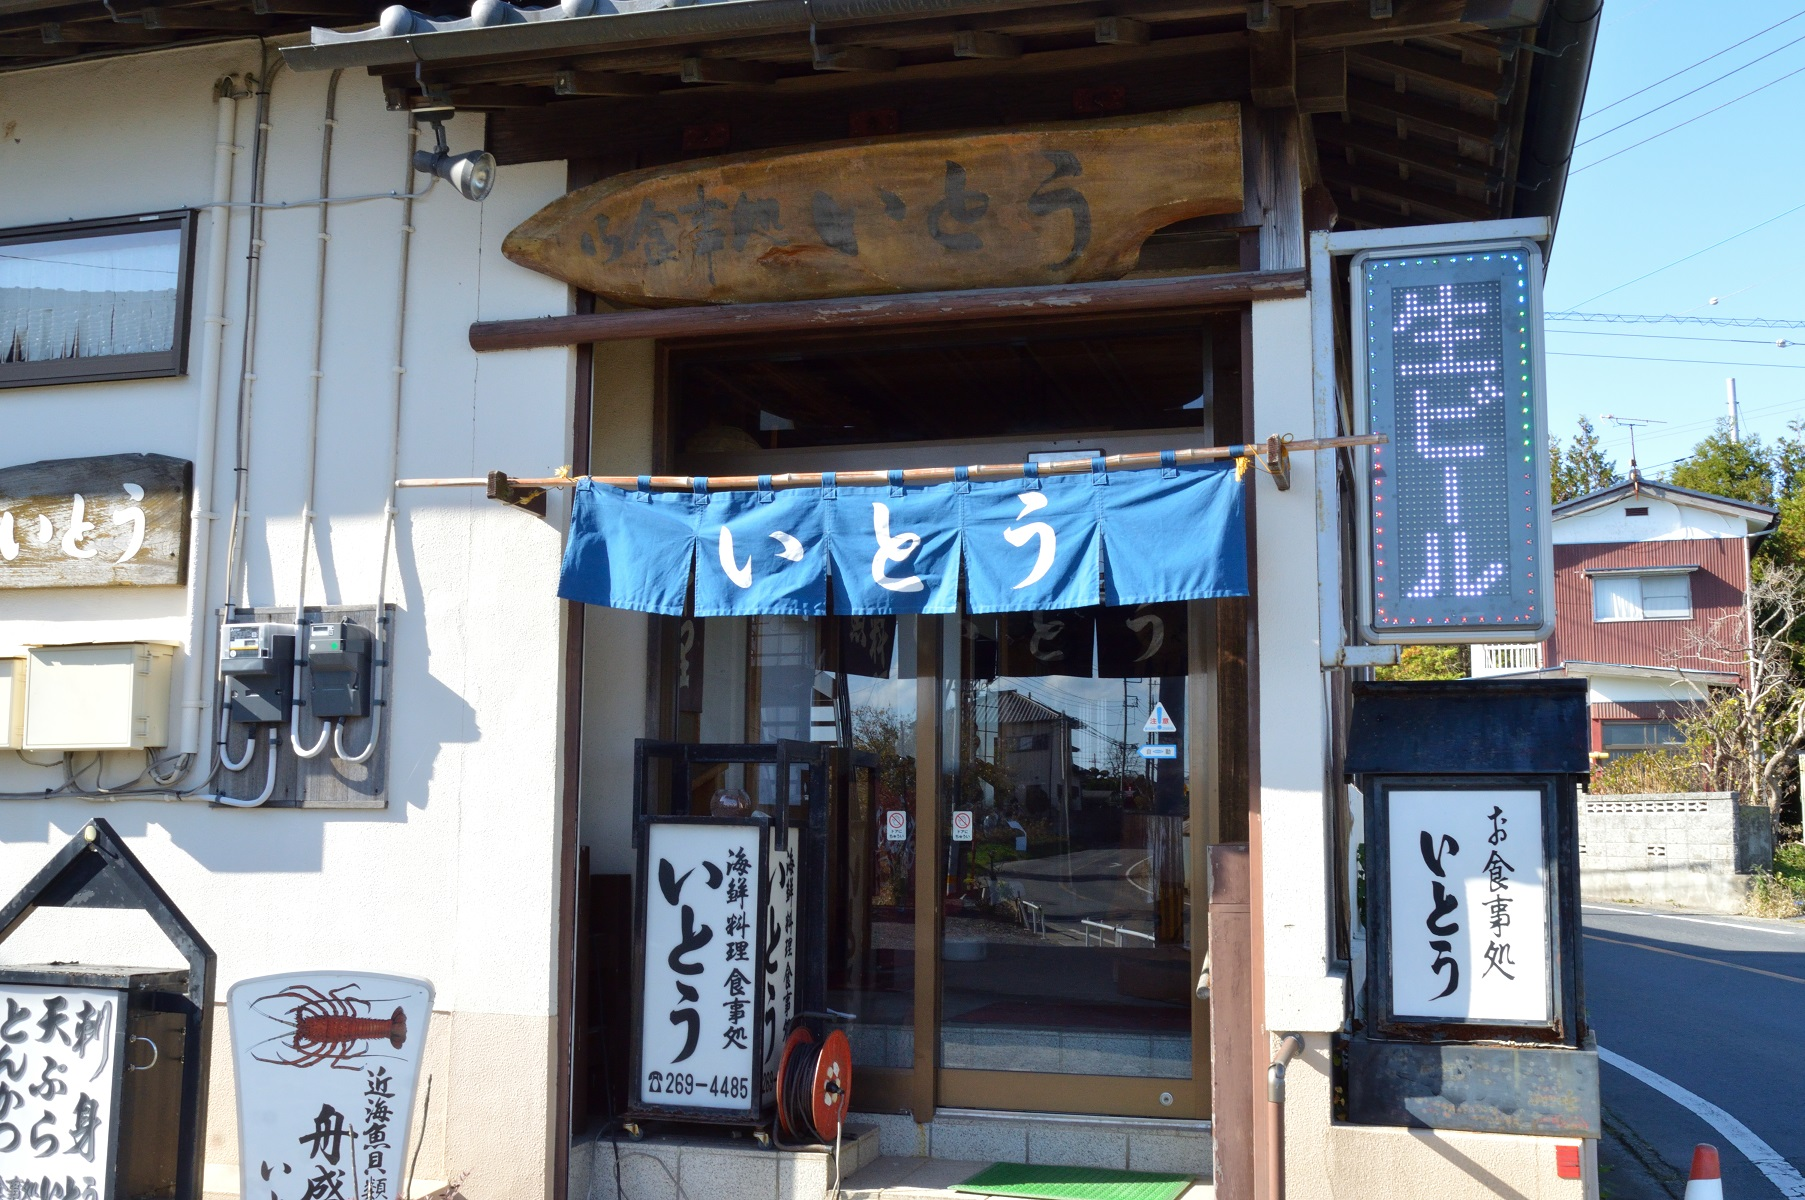 茨城県水戸市 海鮮料理 いとう 入り口 (2)